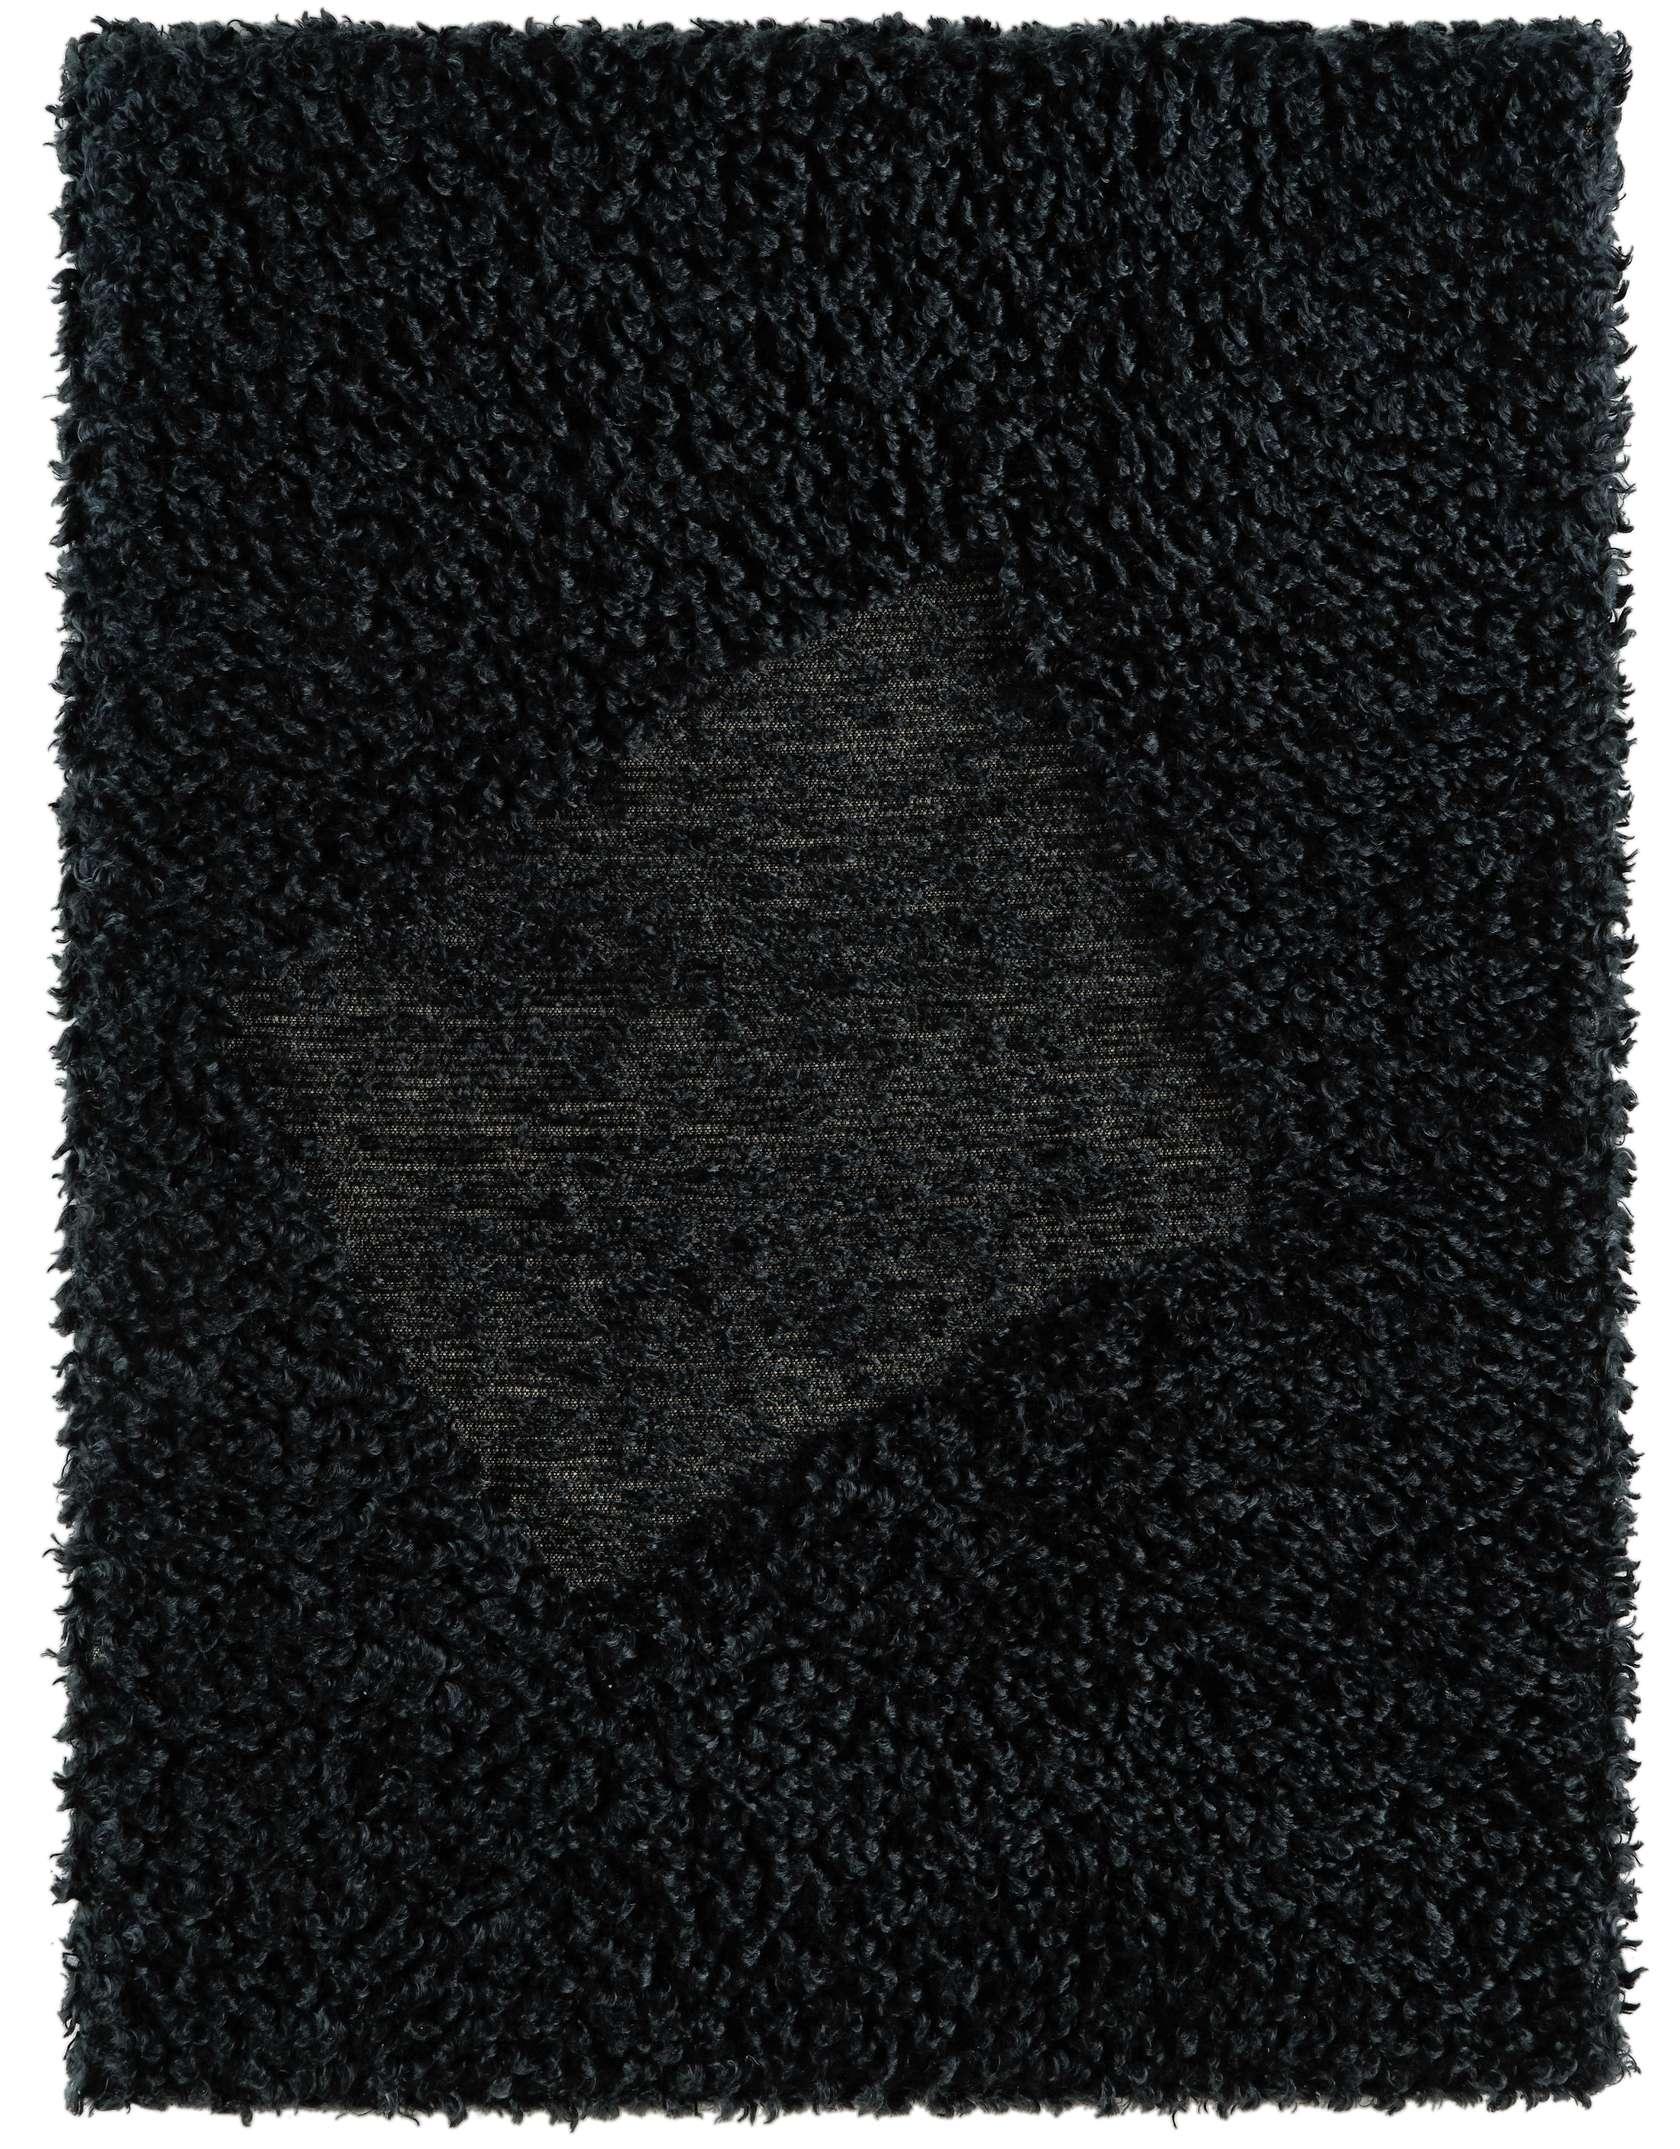 Présence Panchounette, Rasé tondu ou toile caniche, 1983 Moquette rasée tendue sur chassis75 × 56 cm / 29 1/2 × 22  in.